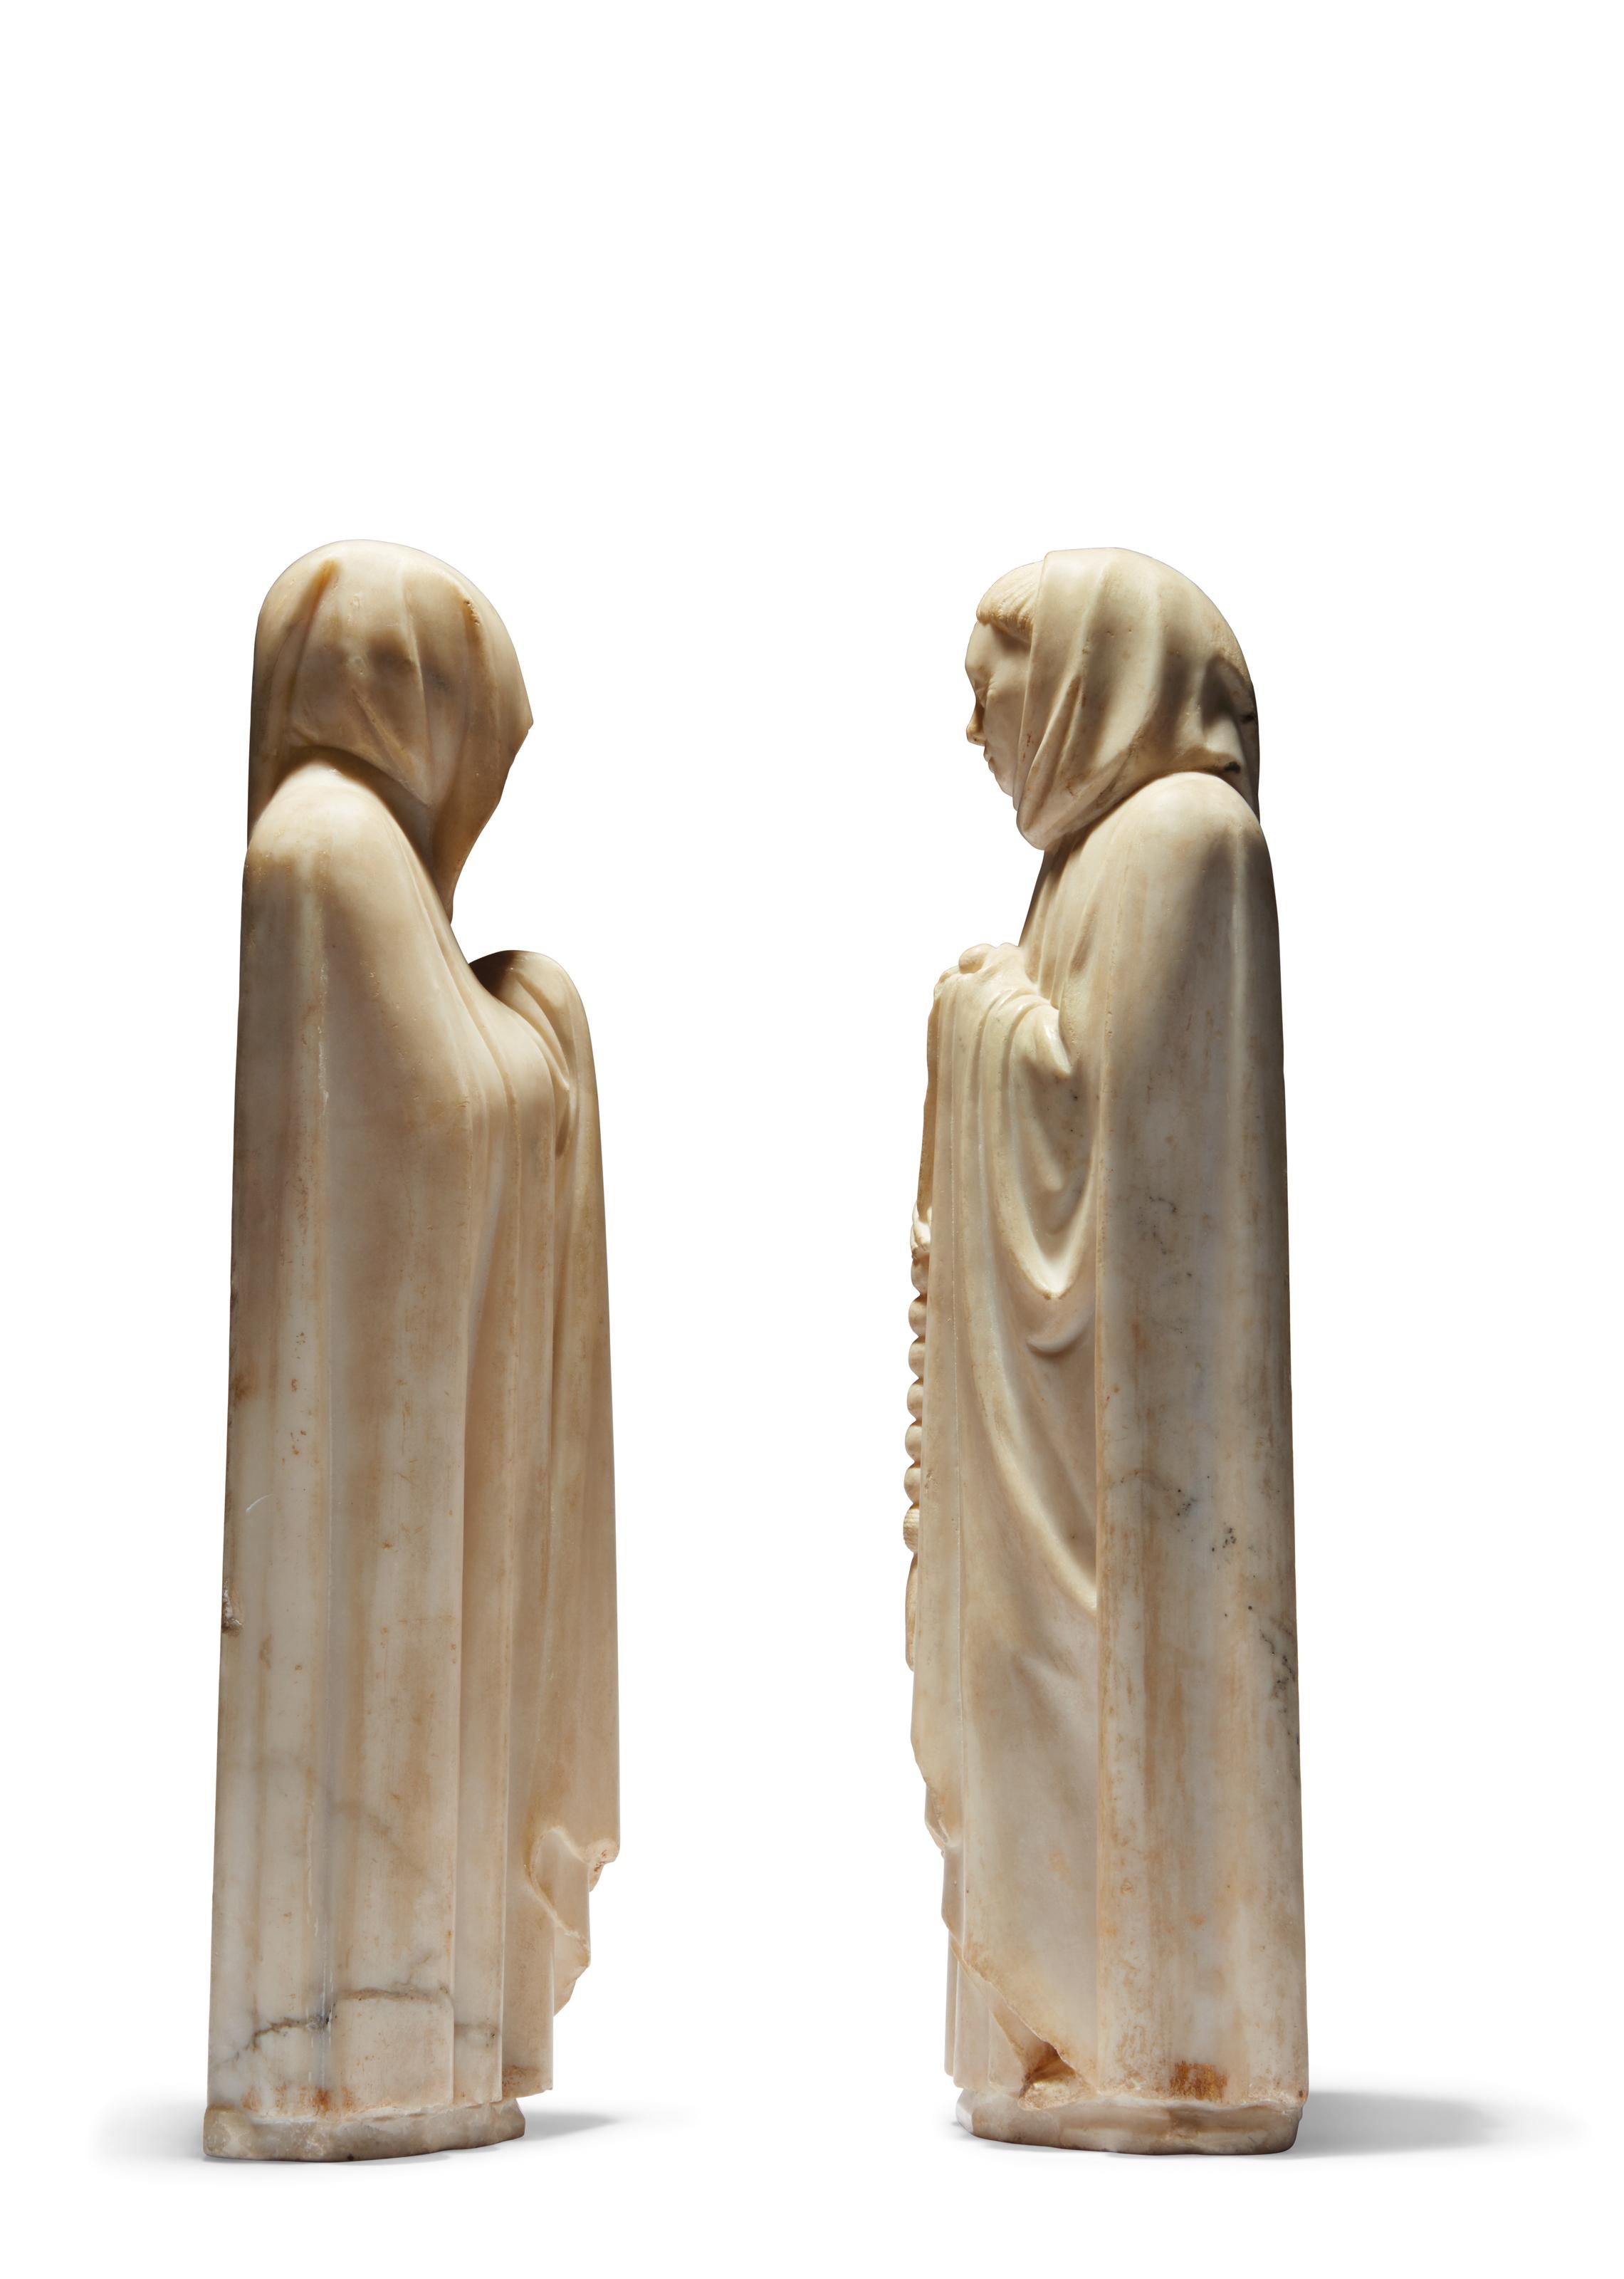 DEUX PLEURANTS EN MARBRE SCULPTE PROVENANT DU CORTEGE FUNERAIRE DU TOMBEAU DE JEAN DE FRANCE (1340-1416), DUC DE BERRY